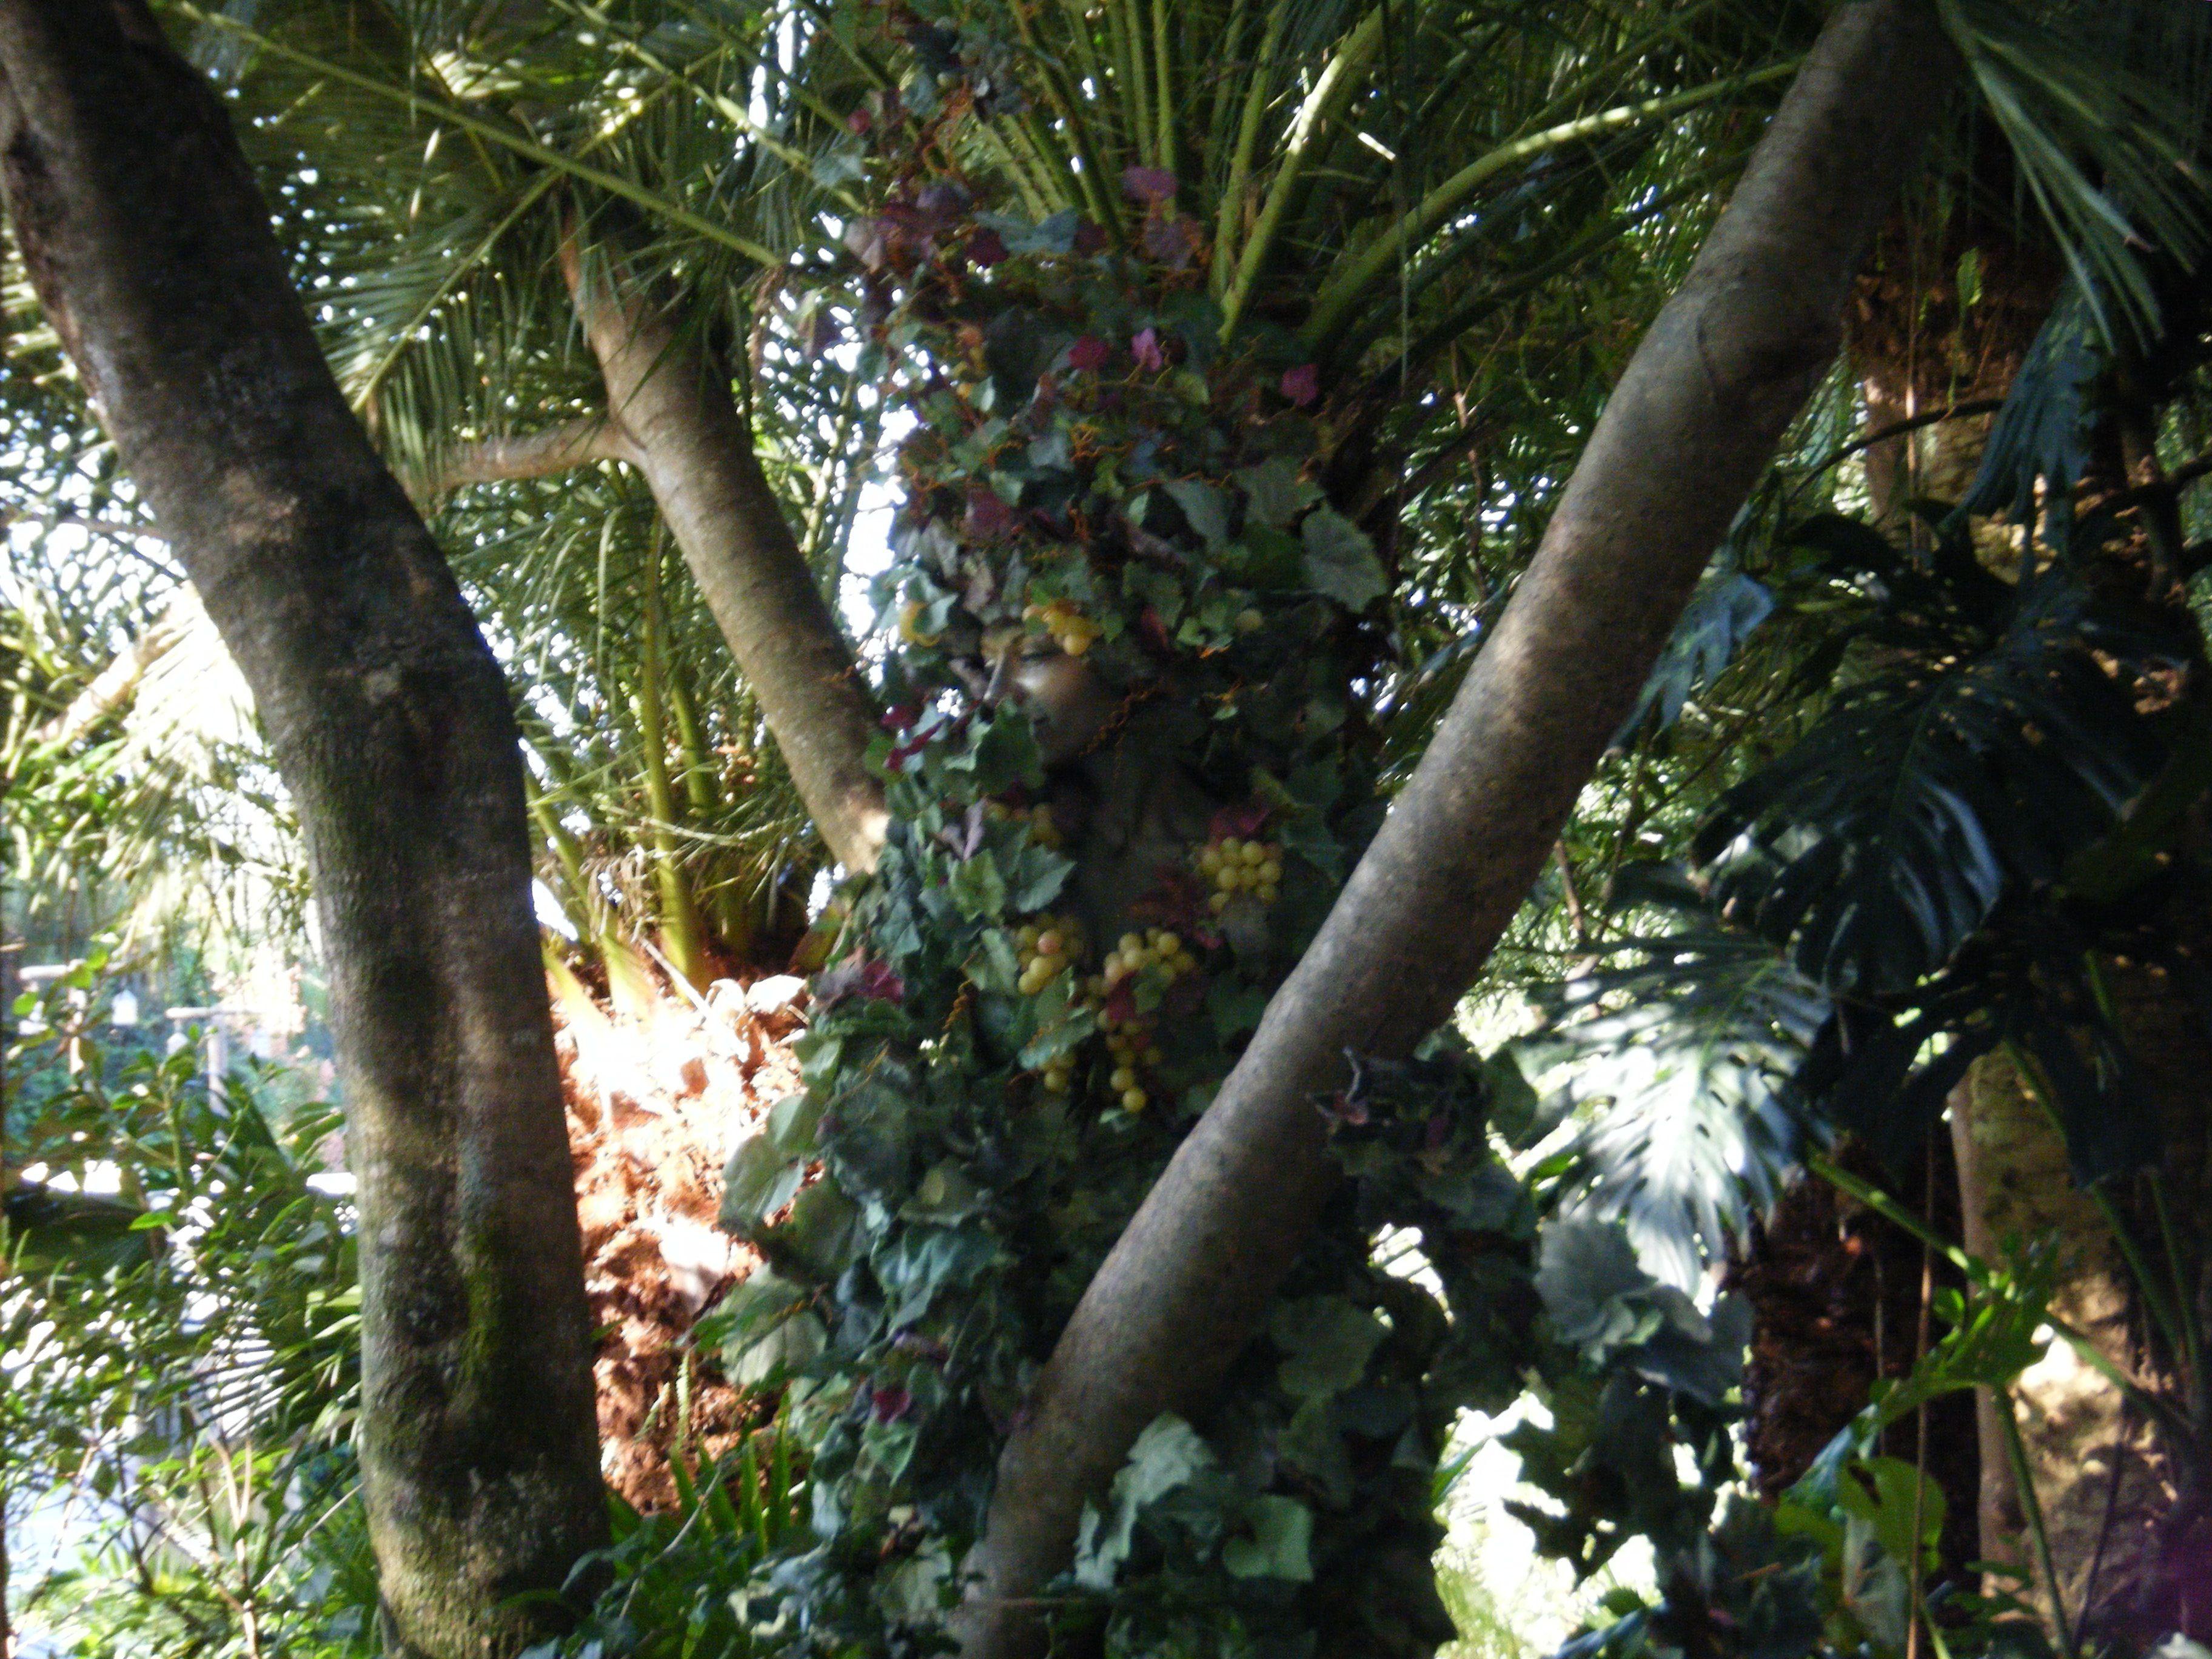 """A """"living"""" tree in Disney's Animal Kingdom Park in Orlando, FL"""